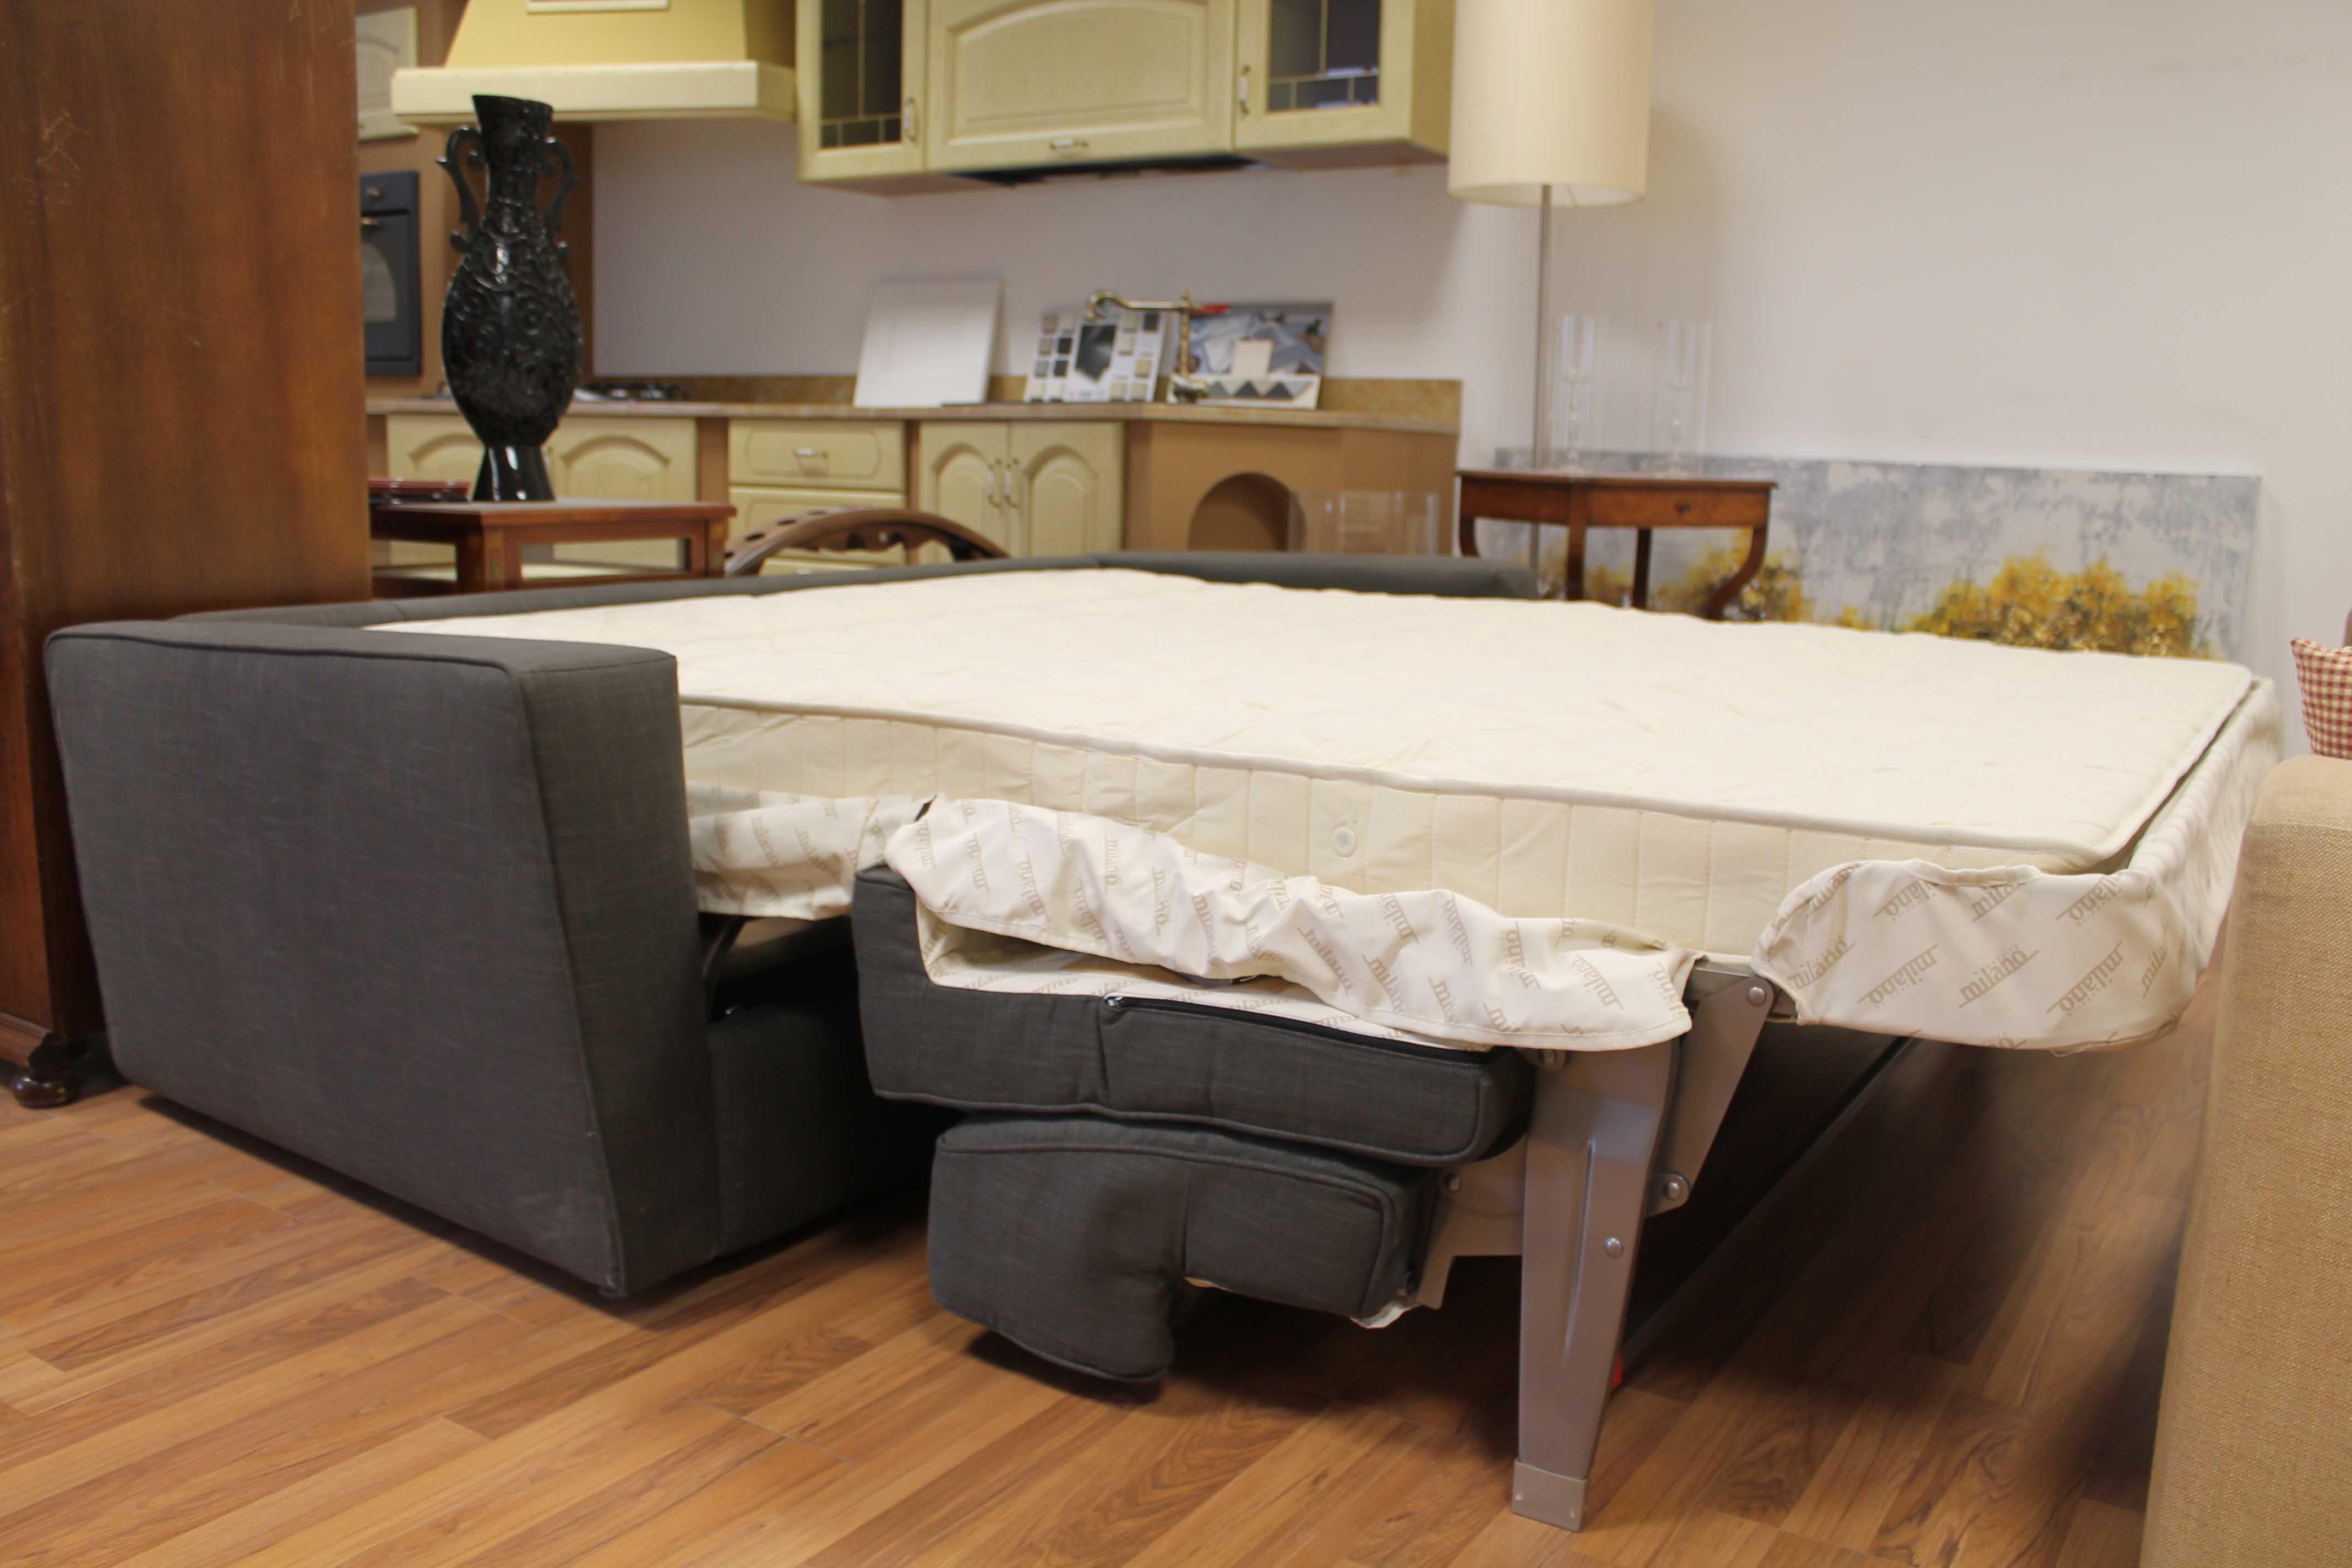 Quanto costa rifoderare un divano cheap quanto costa rifoderare un divano with quanto costa - Rifoderare divano costo ...